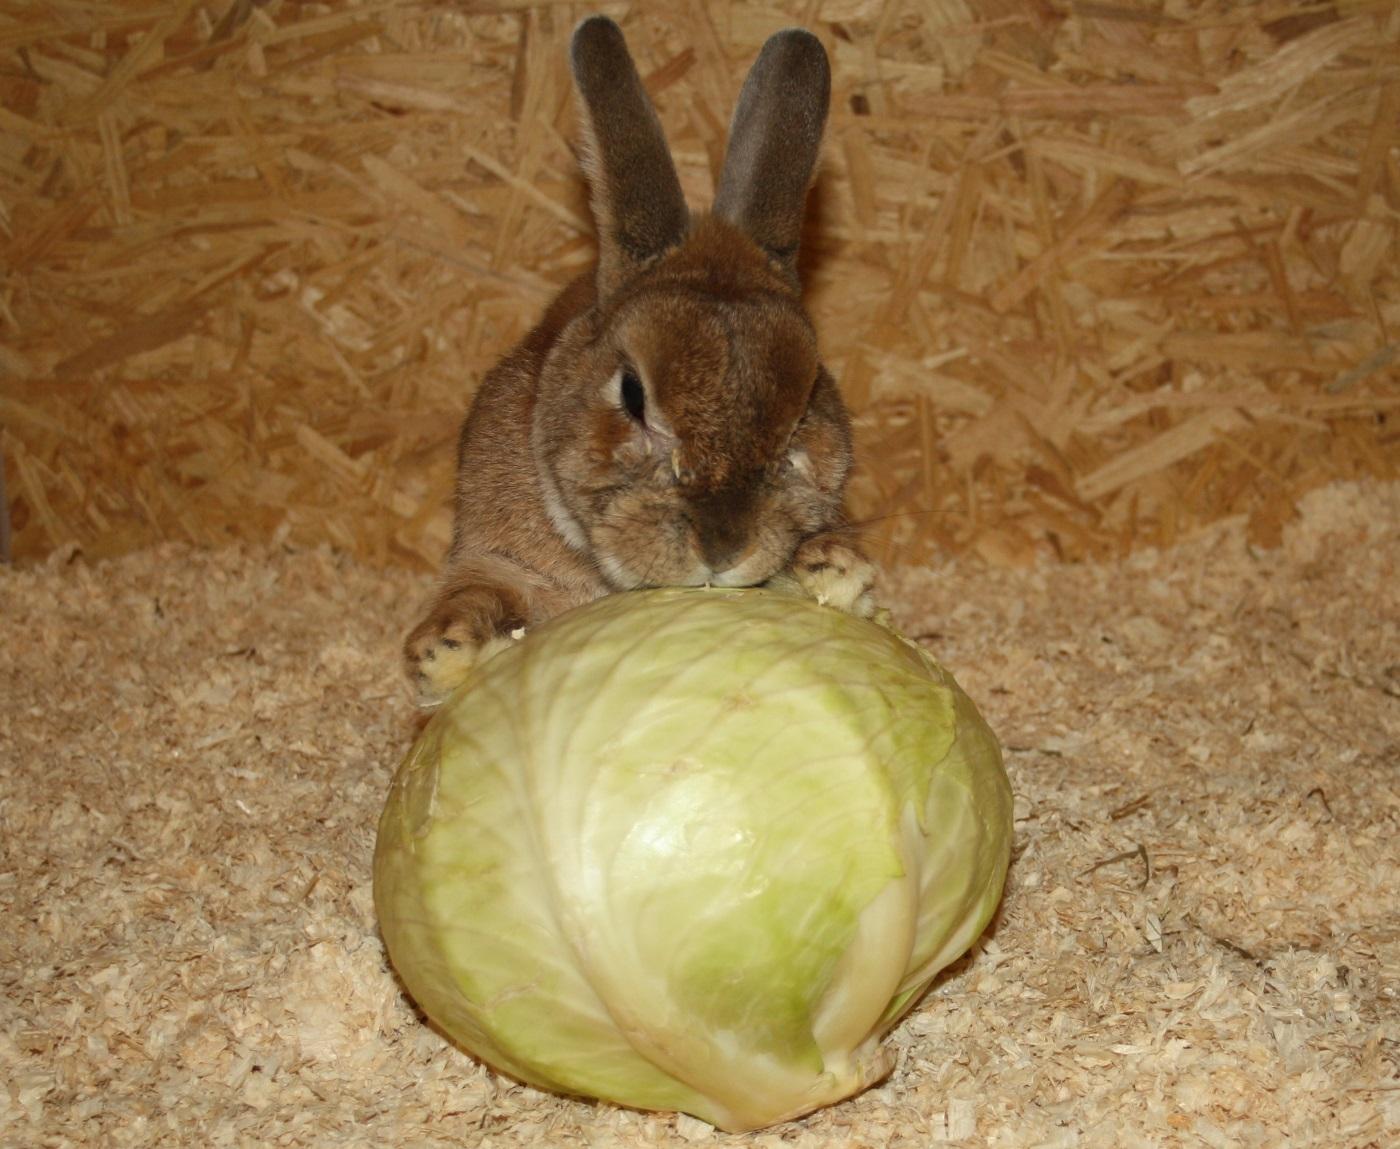 dürfen kaninchen zucchini fressen